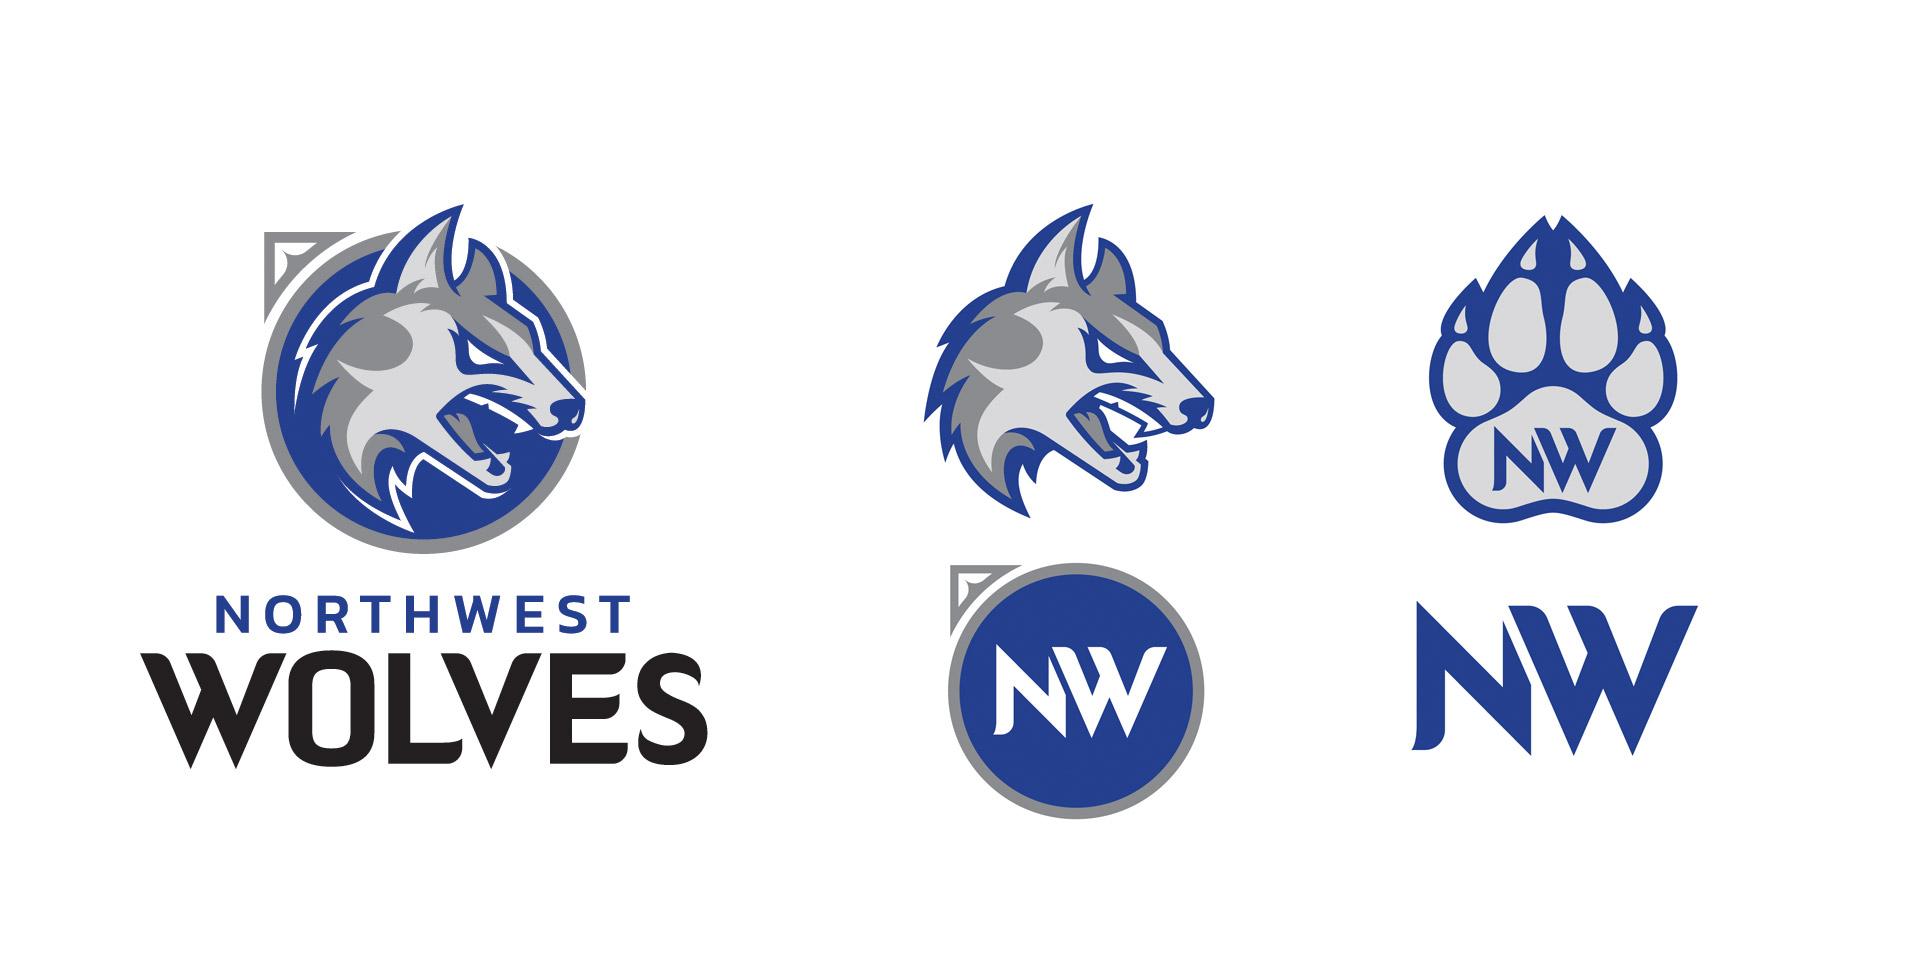 Waukee Northwest Wolves Secondary Logos